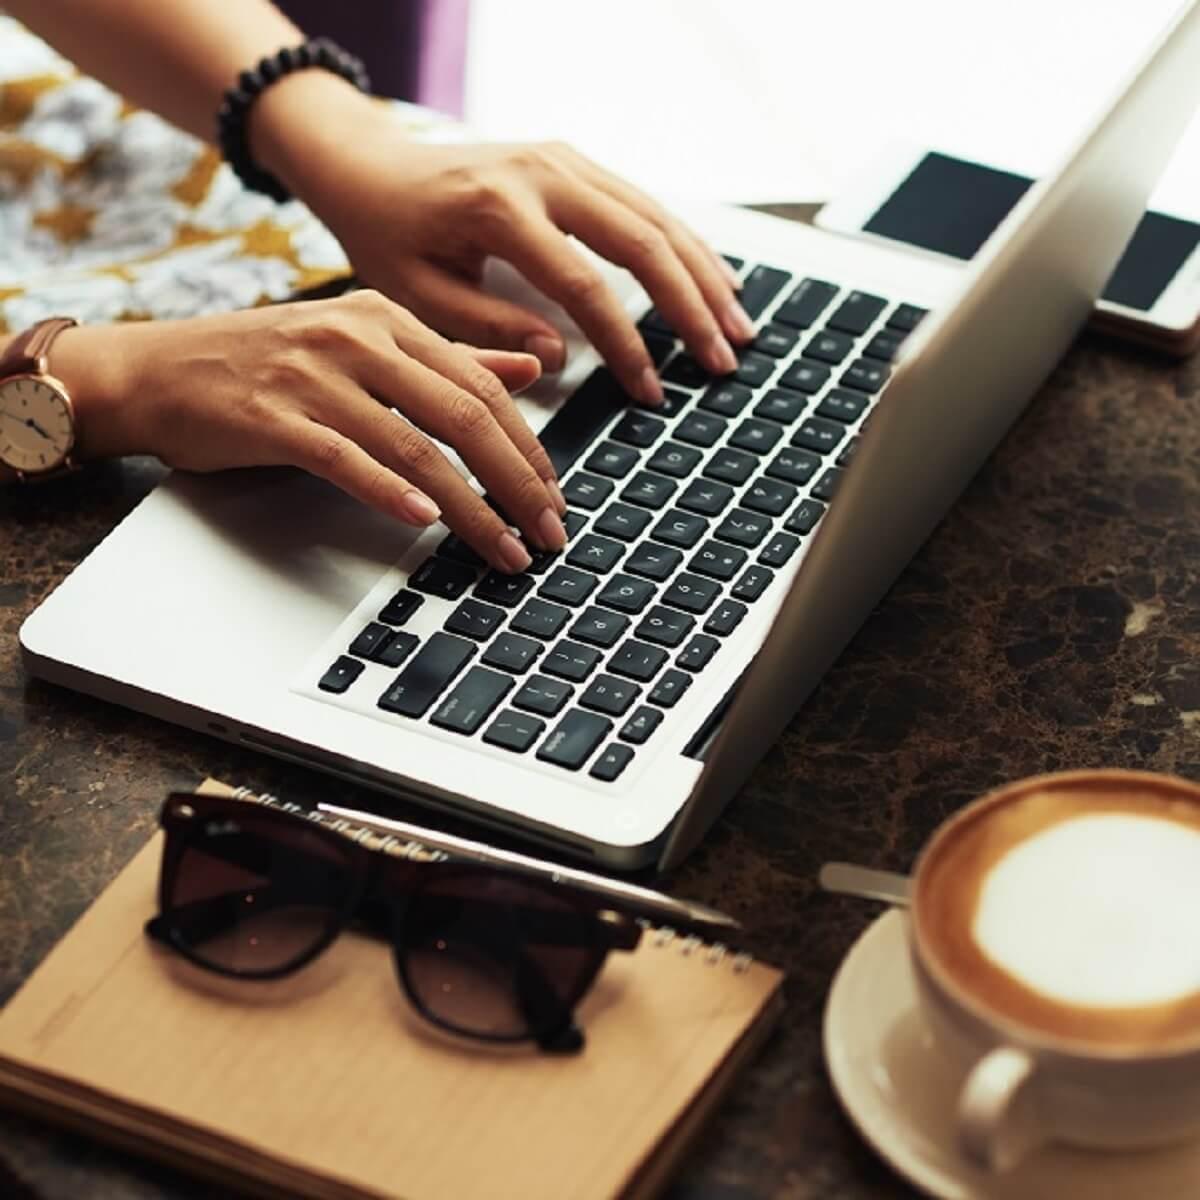 カフェでブログを書く様子